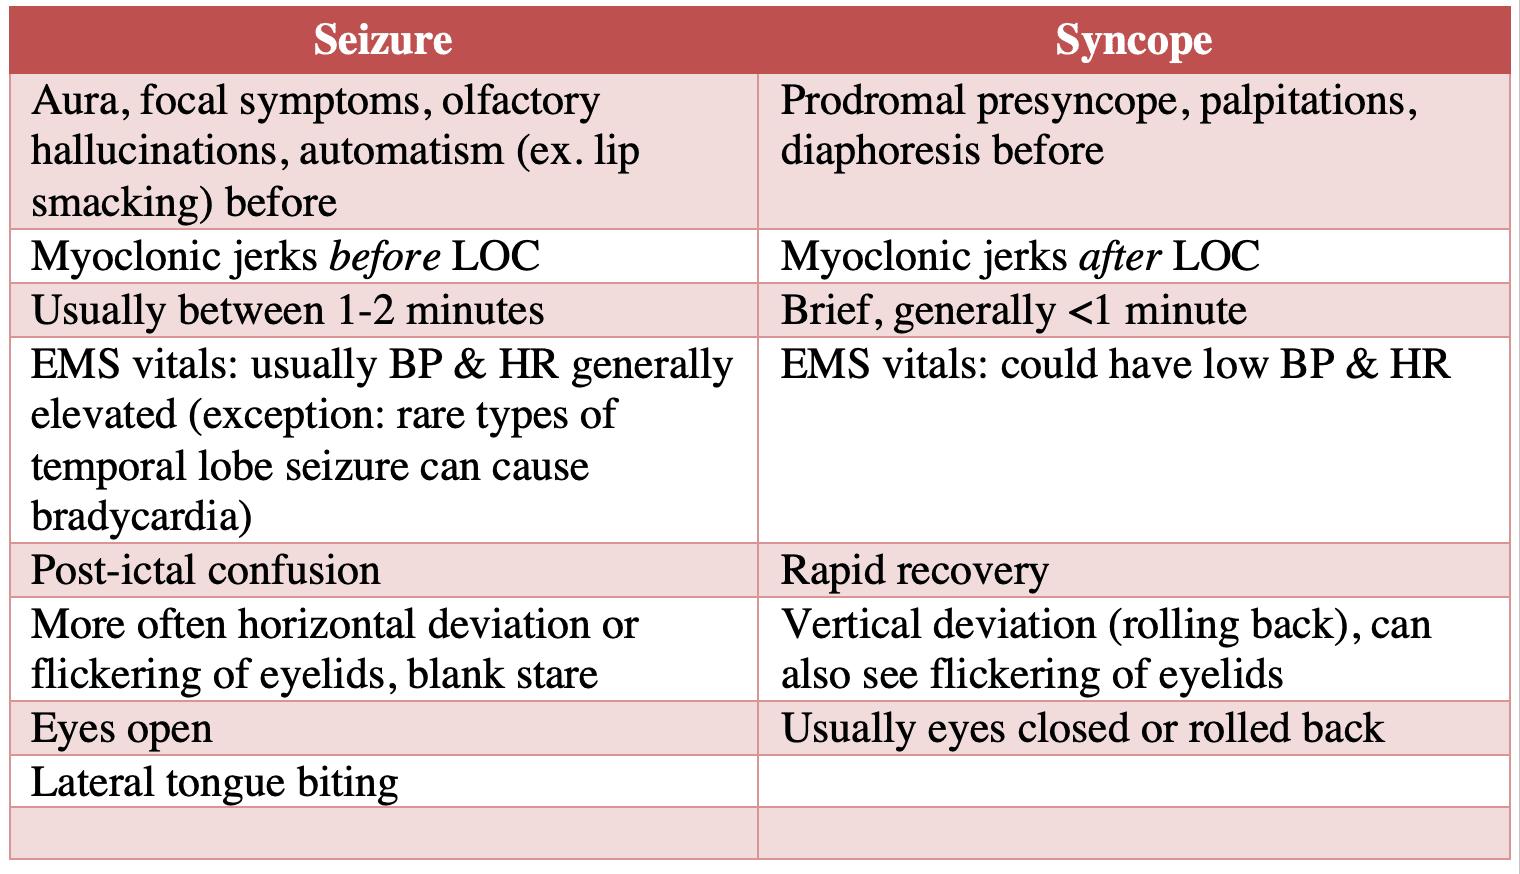 seizure vs syncope